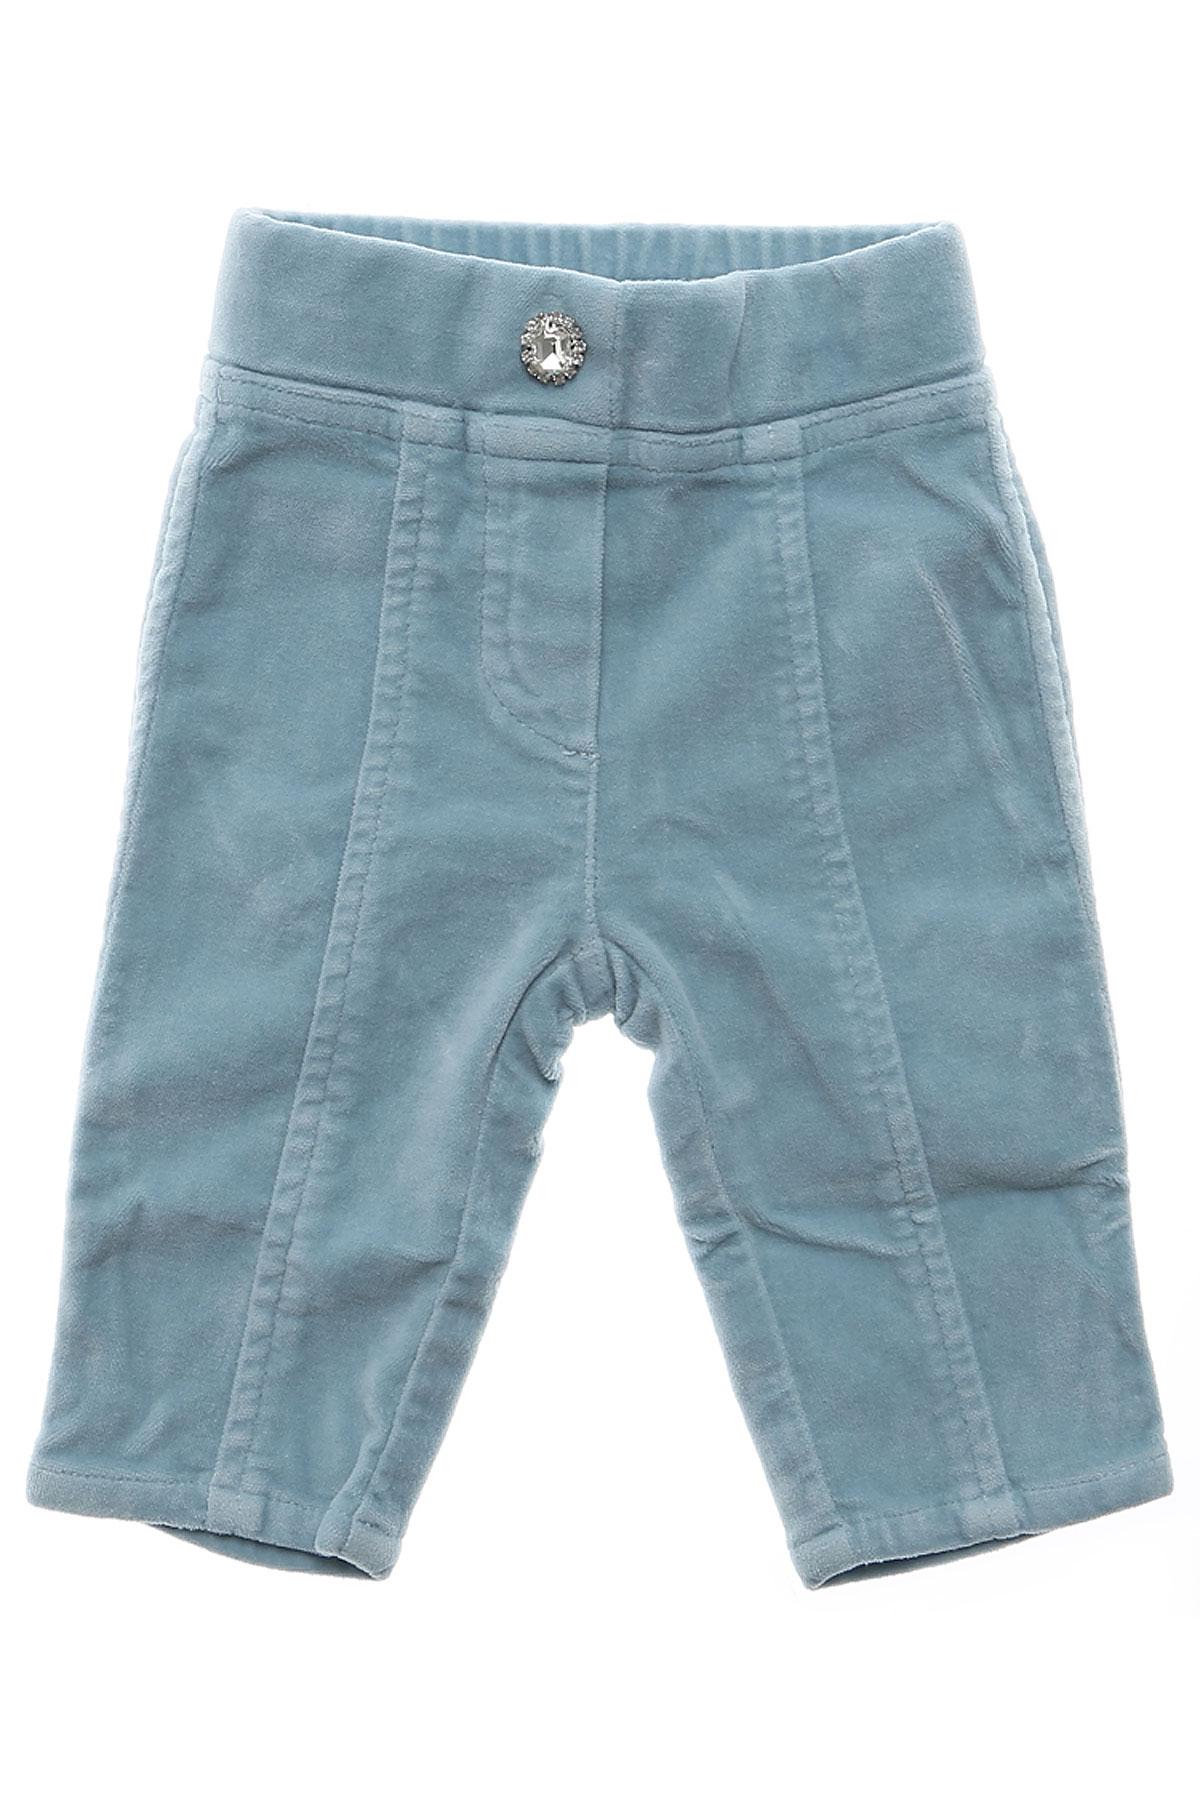 Monnalisa Pantalons Bébé pour Fille Pas cher en Soldes Outlet, Bleu ciel, Coton, 2017, 12M 18M 2Y 3M 3Y 9M